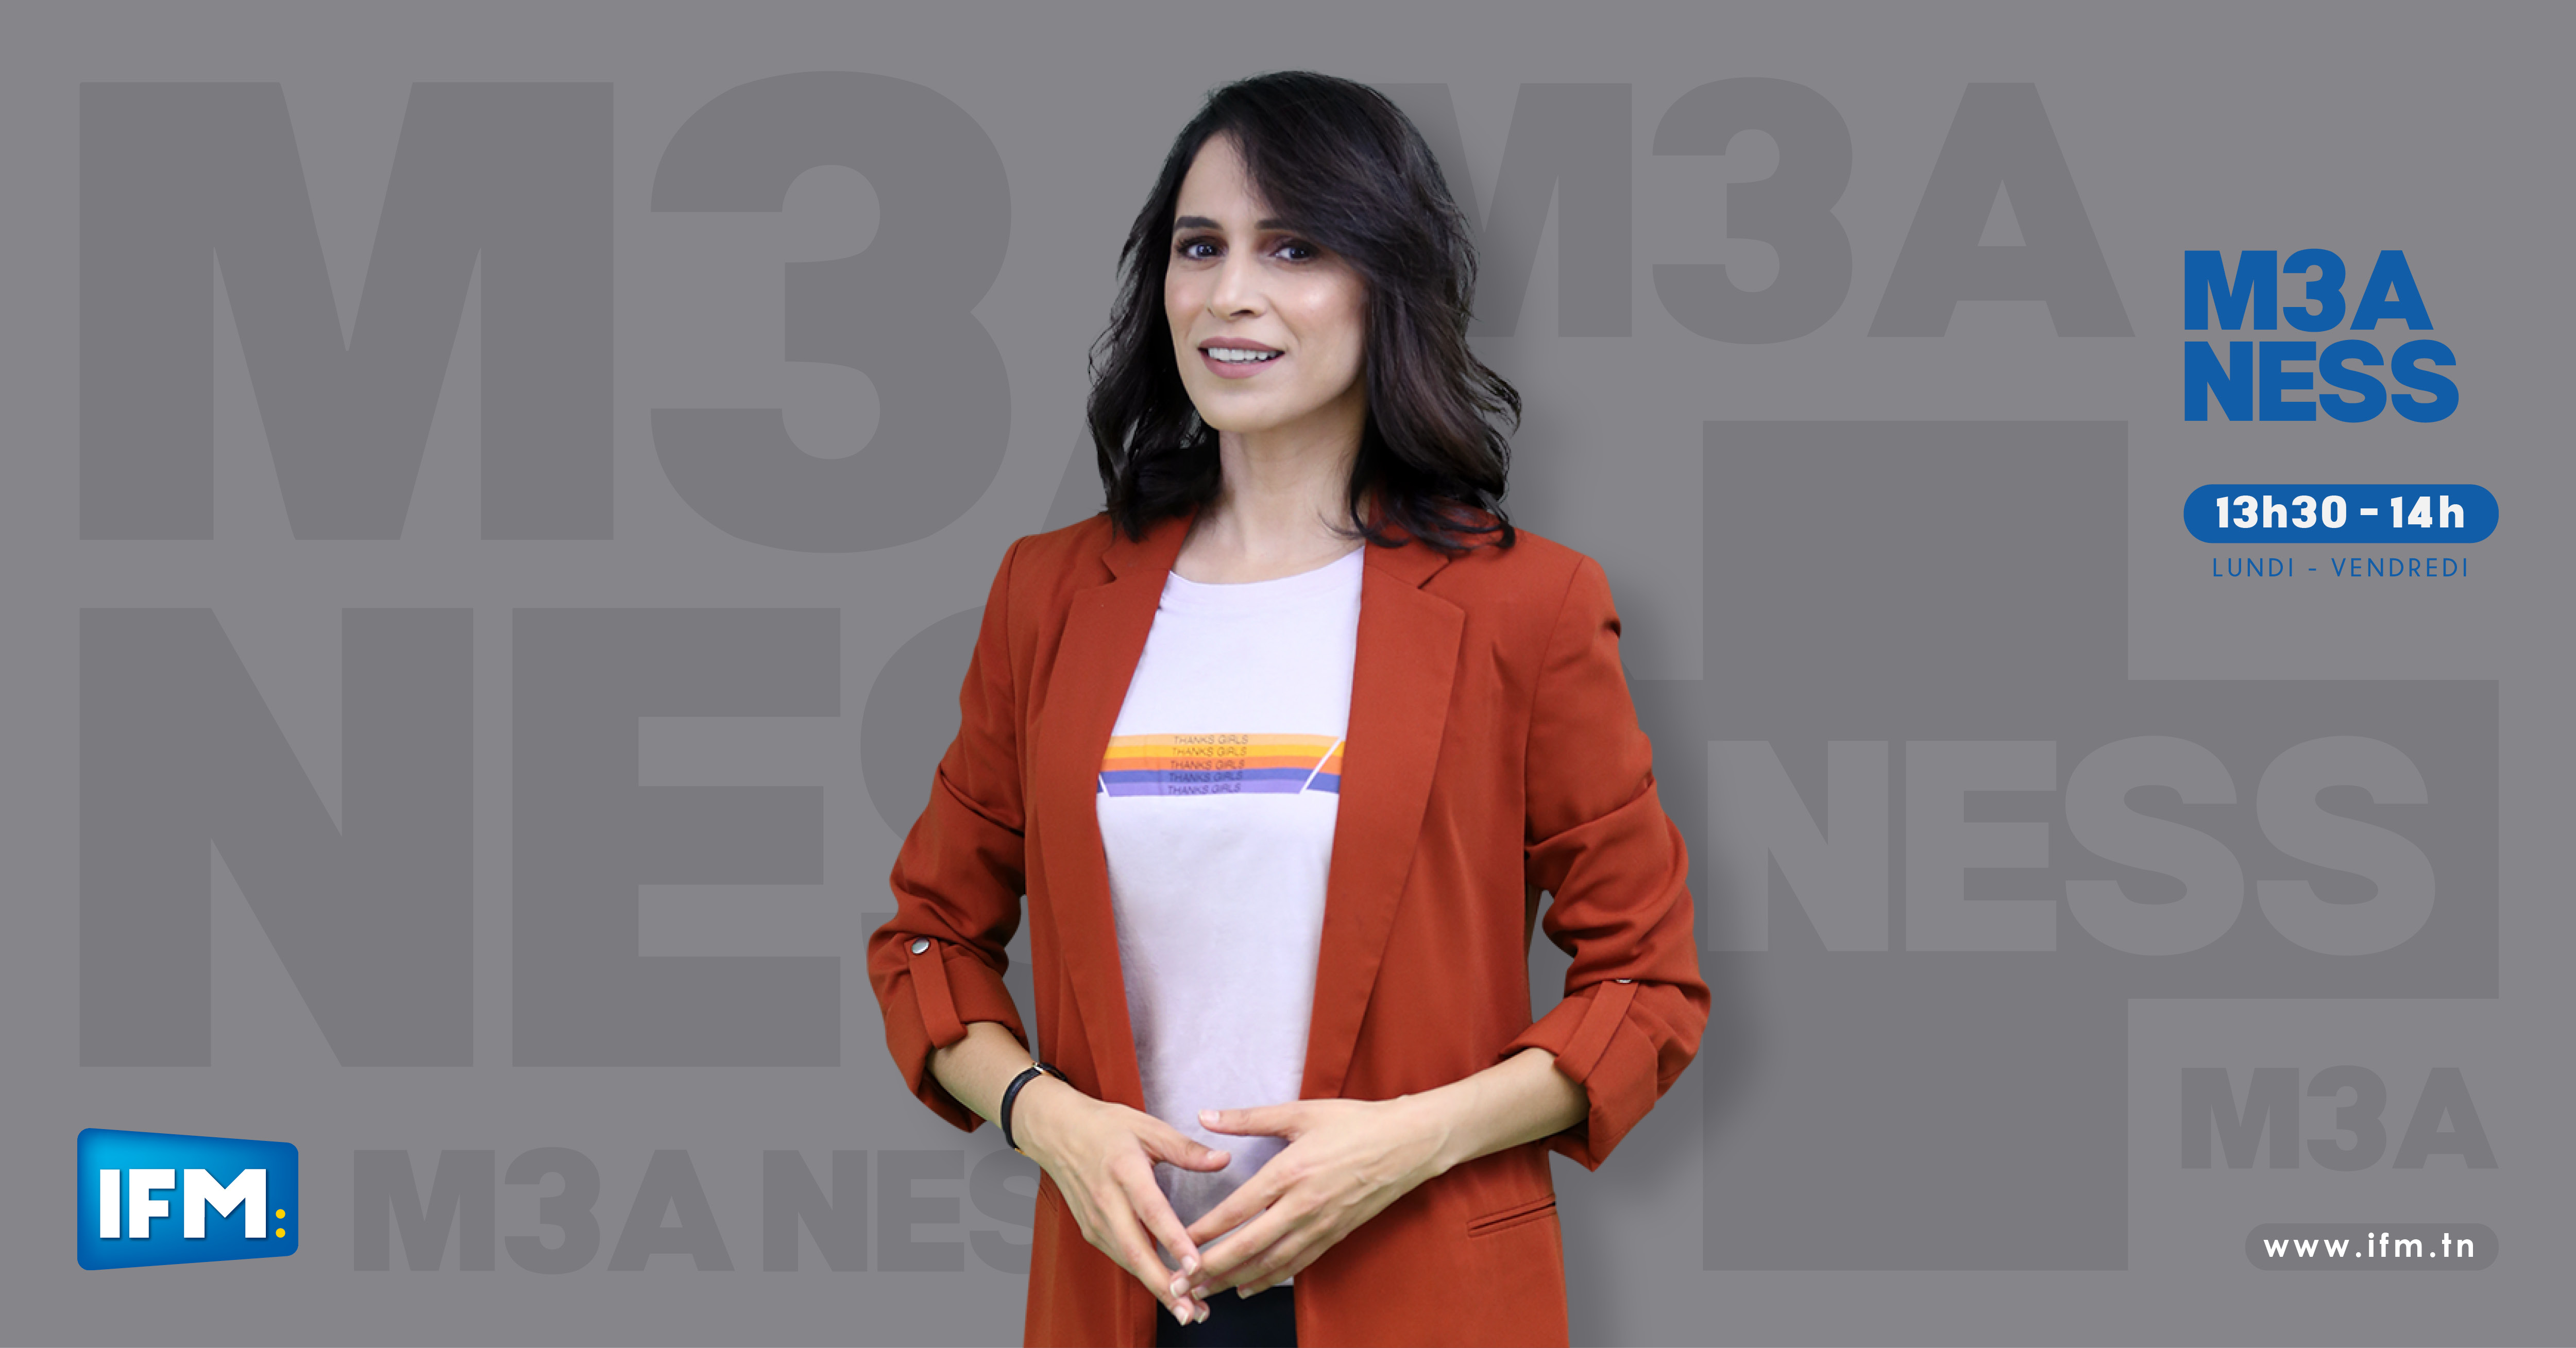 Allo IFM Maa Ness avec Zeineb Melki